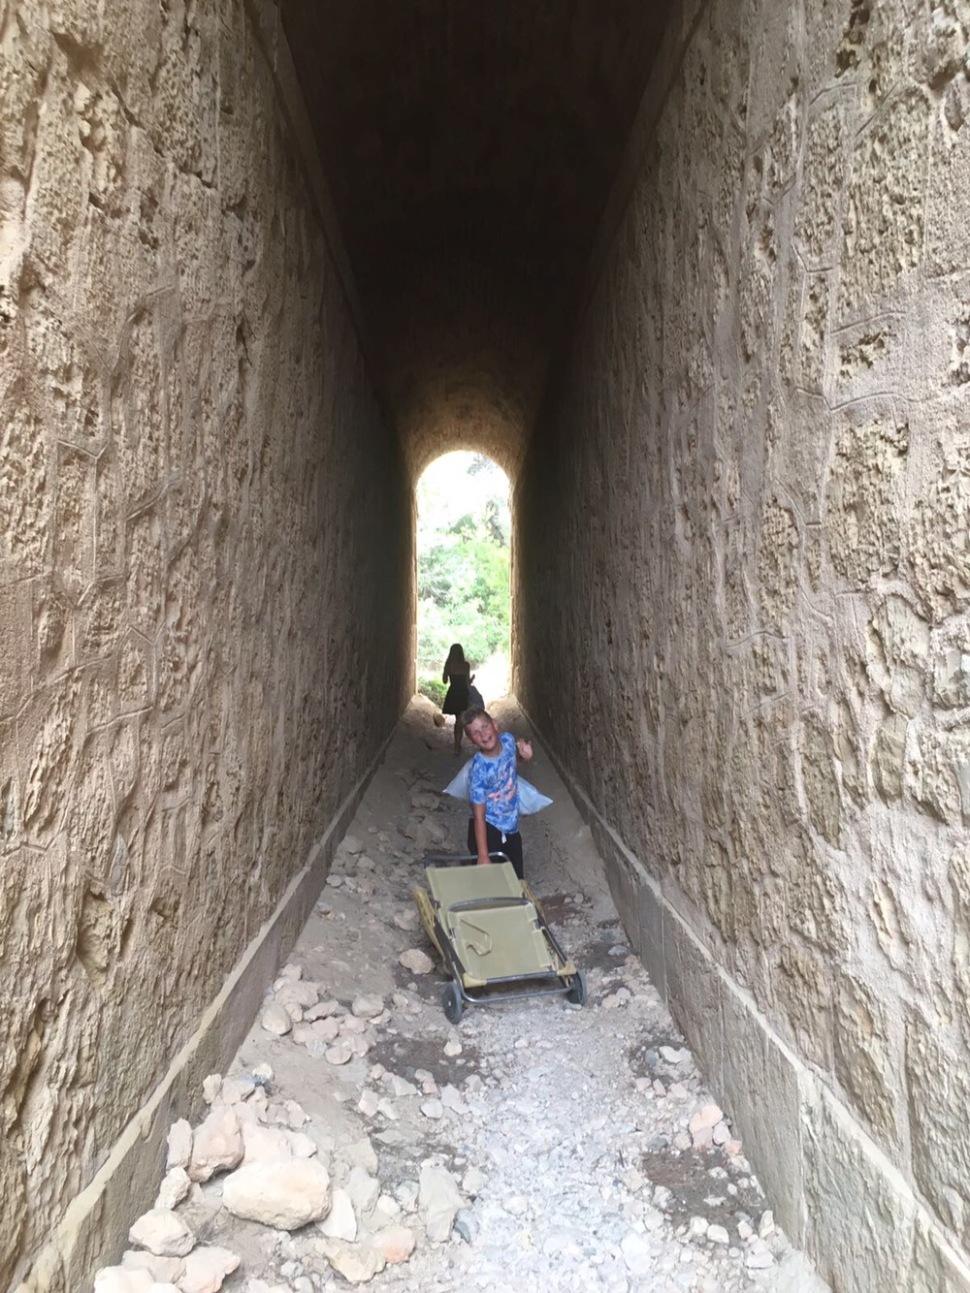 Dwars door tunnels en smalle buizen